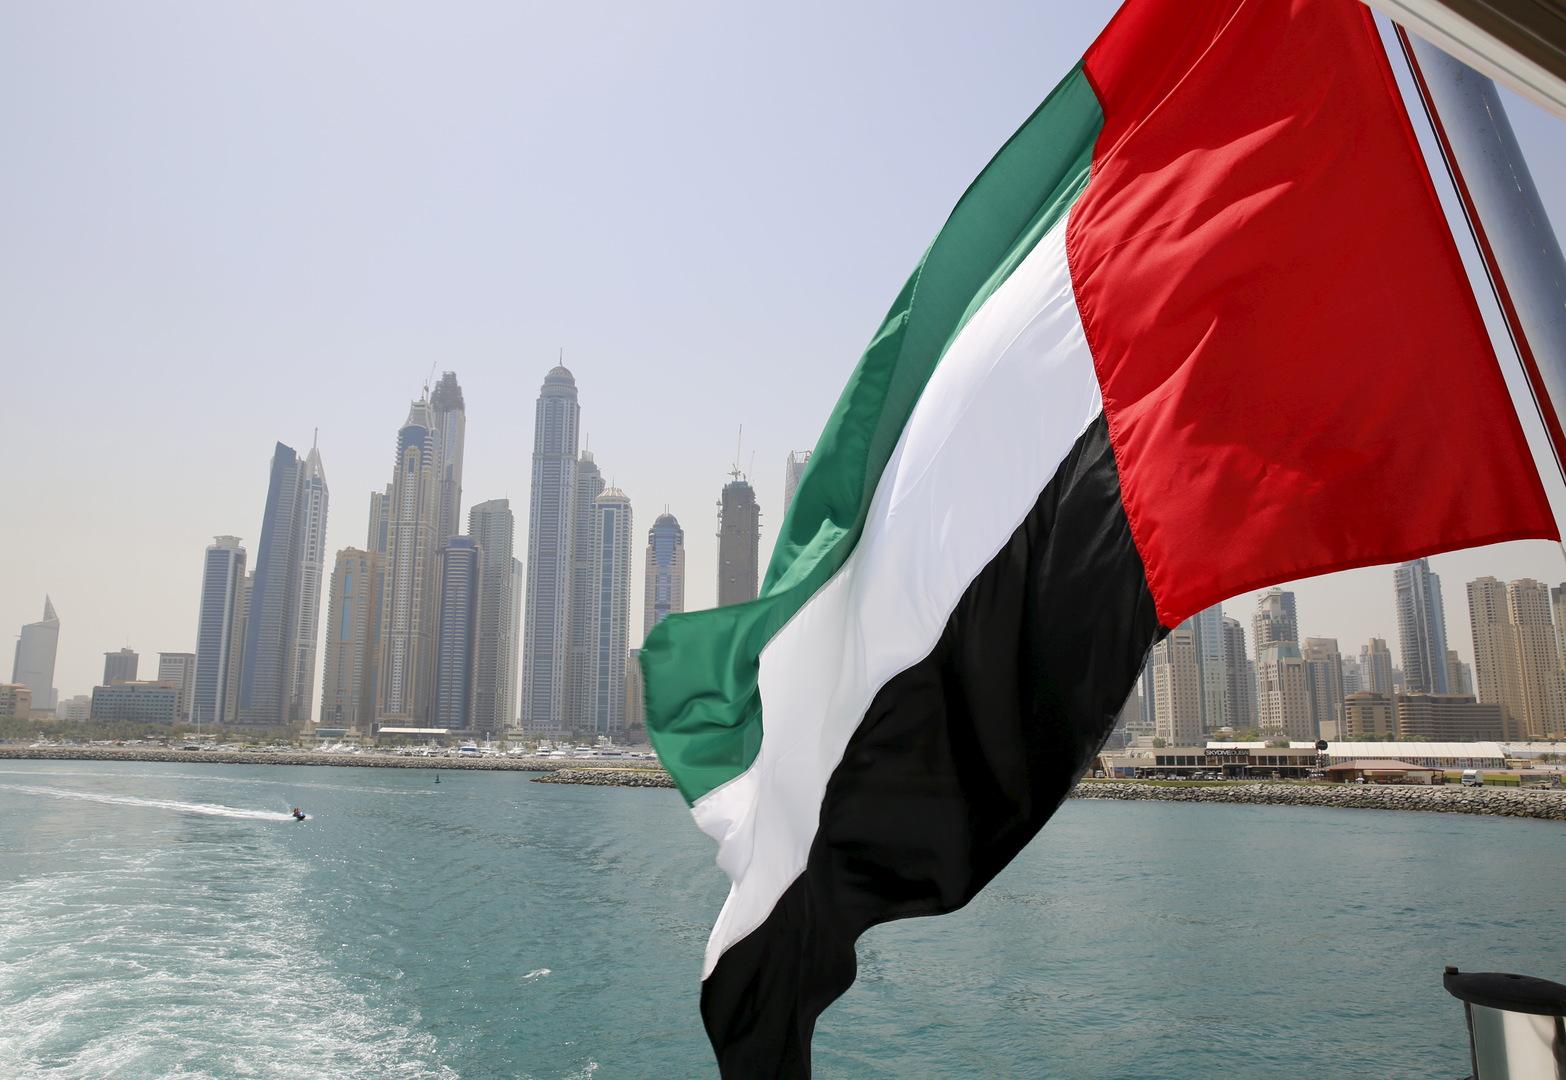 إسقاط تهمة تهريب المخدرات عن عسكري بريطاني سابق في الإمارات